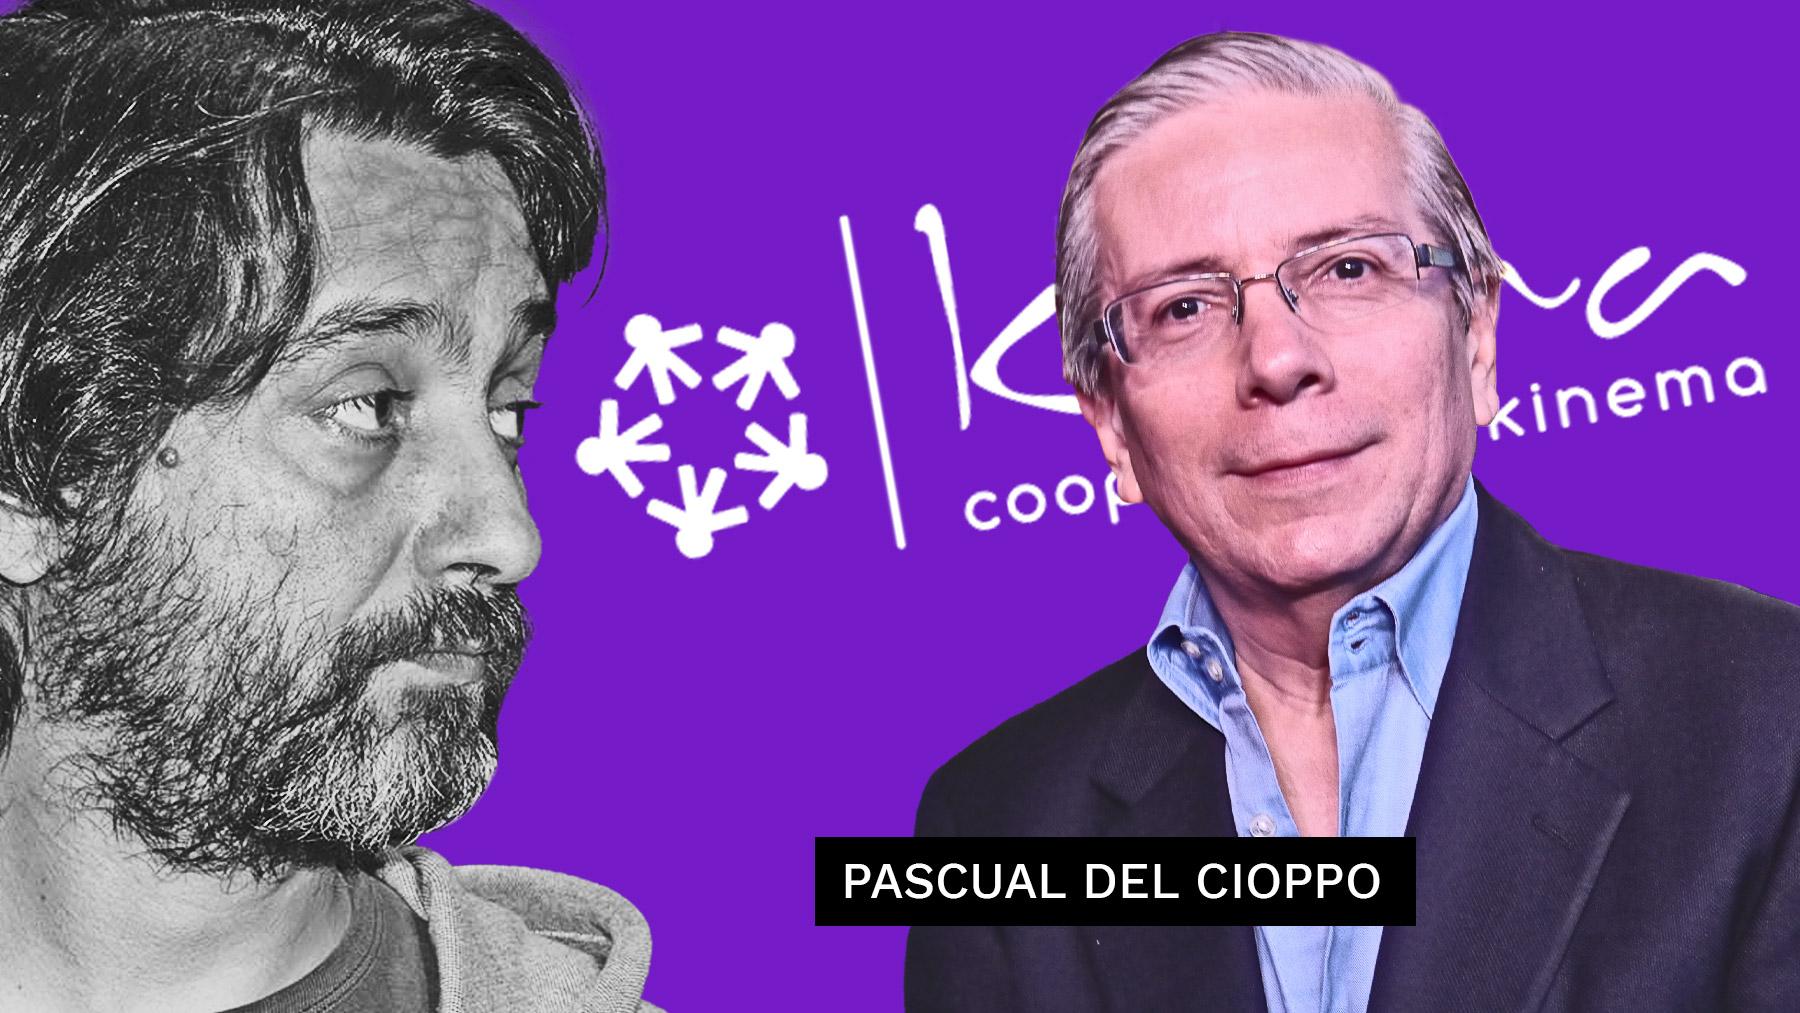 Pascual del Cioppo, nuevo embajador de Ecuador en España, junto con Rafael Mayoral, fundador de Kinema, la cooperativa de Podemos.